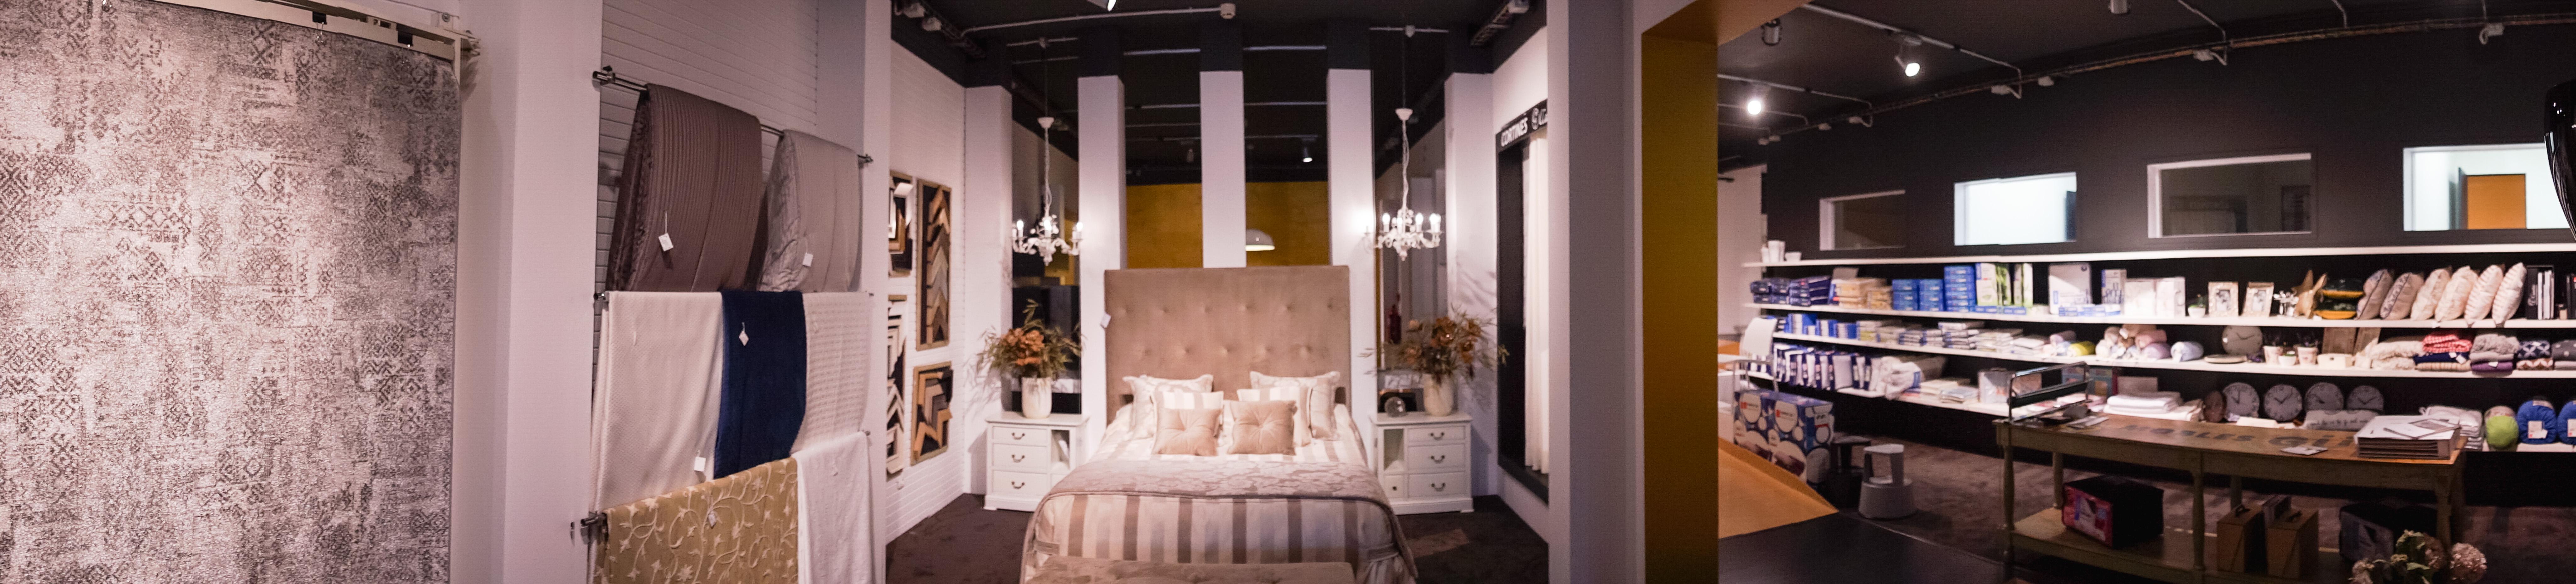 Mobles Güell té una exposició de mobles de més de 2.500 m2.